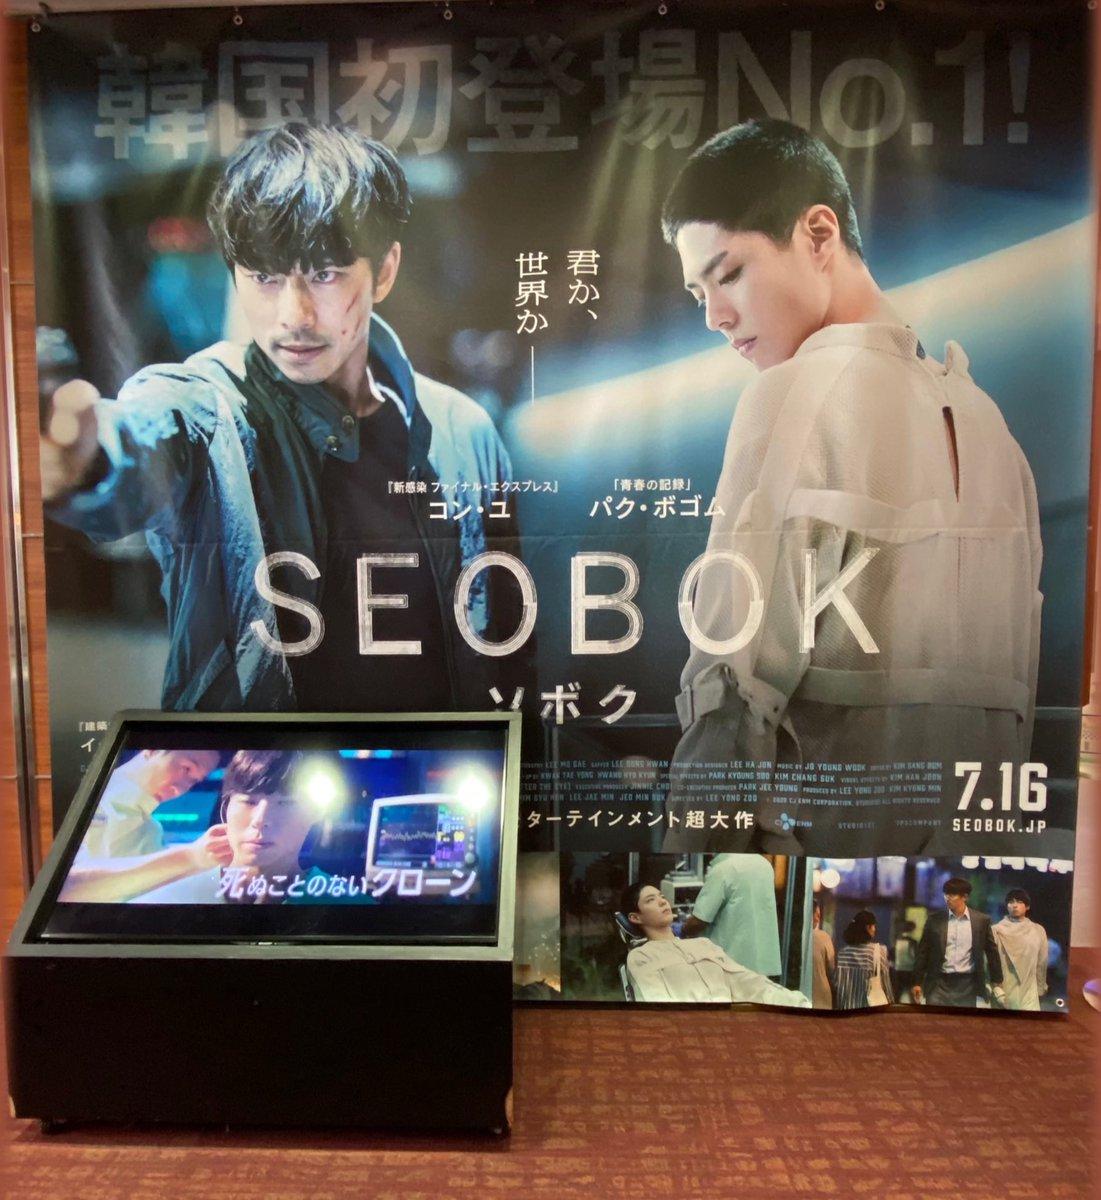 """test ツイッターメディア - #SEOBOK 観に行きました♪ 韓国映画ならではの迫力ある映像と主演2人の""""静""""と""""動""""の感情表現の演技…本当にすごい✨  涙なしでは見れません…。 大きなスクリーンで観ることをおすすめします! とてもとても良い映画なので、たくさんの人に観てほしいです。 #パクボゴム #コンユ #ソボク感想 https://t.co/CcKHcLT1L8"""